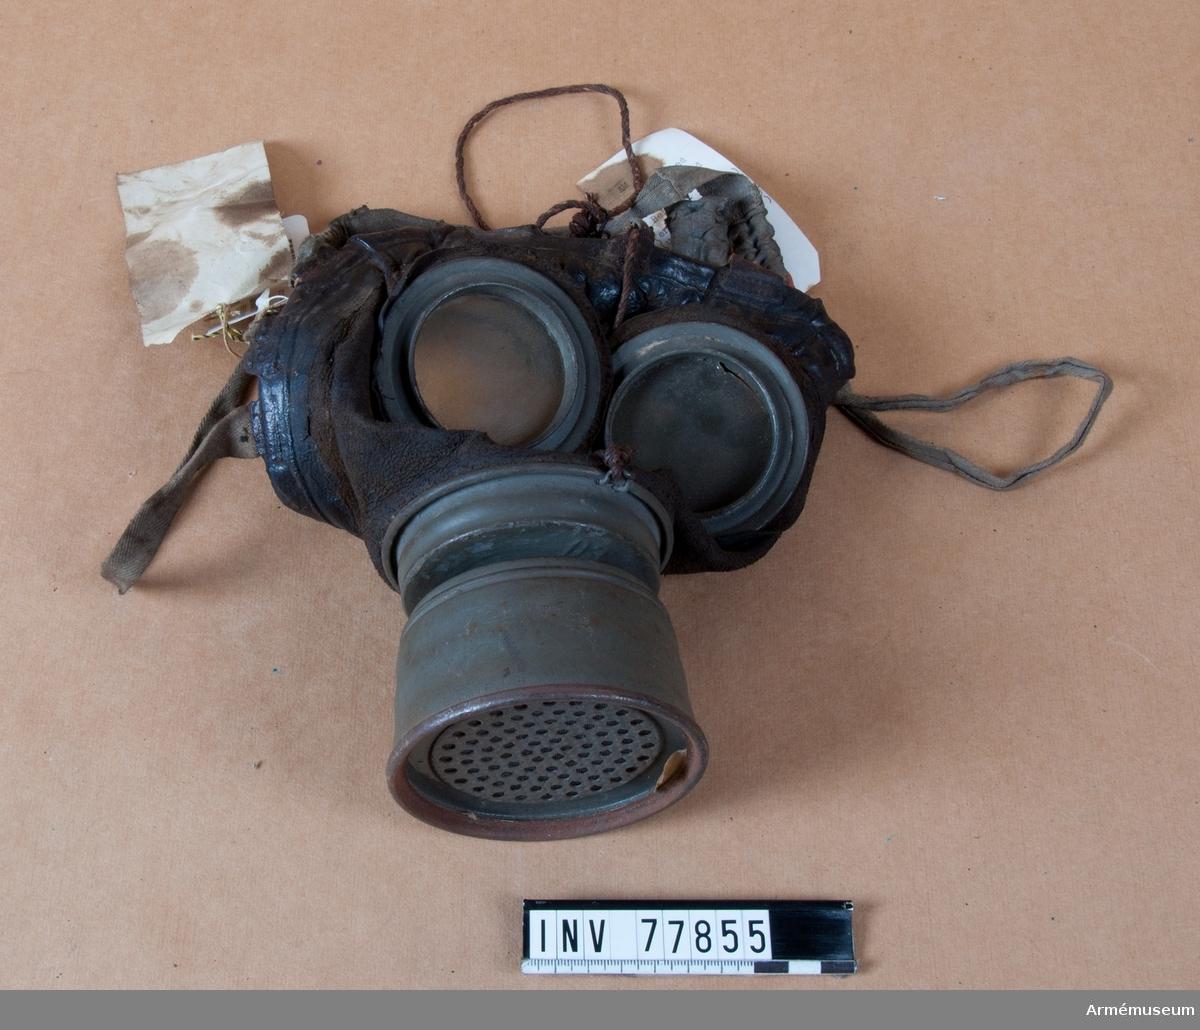 Grupp J. Svensk gasmask av tysk modell. Från världskriget 1914-1918.